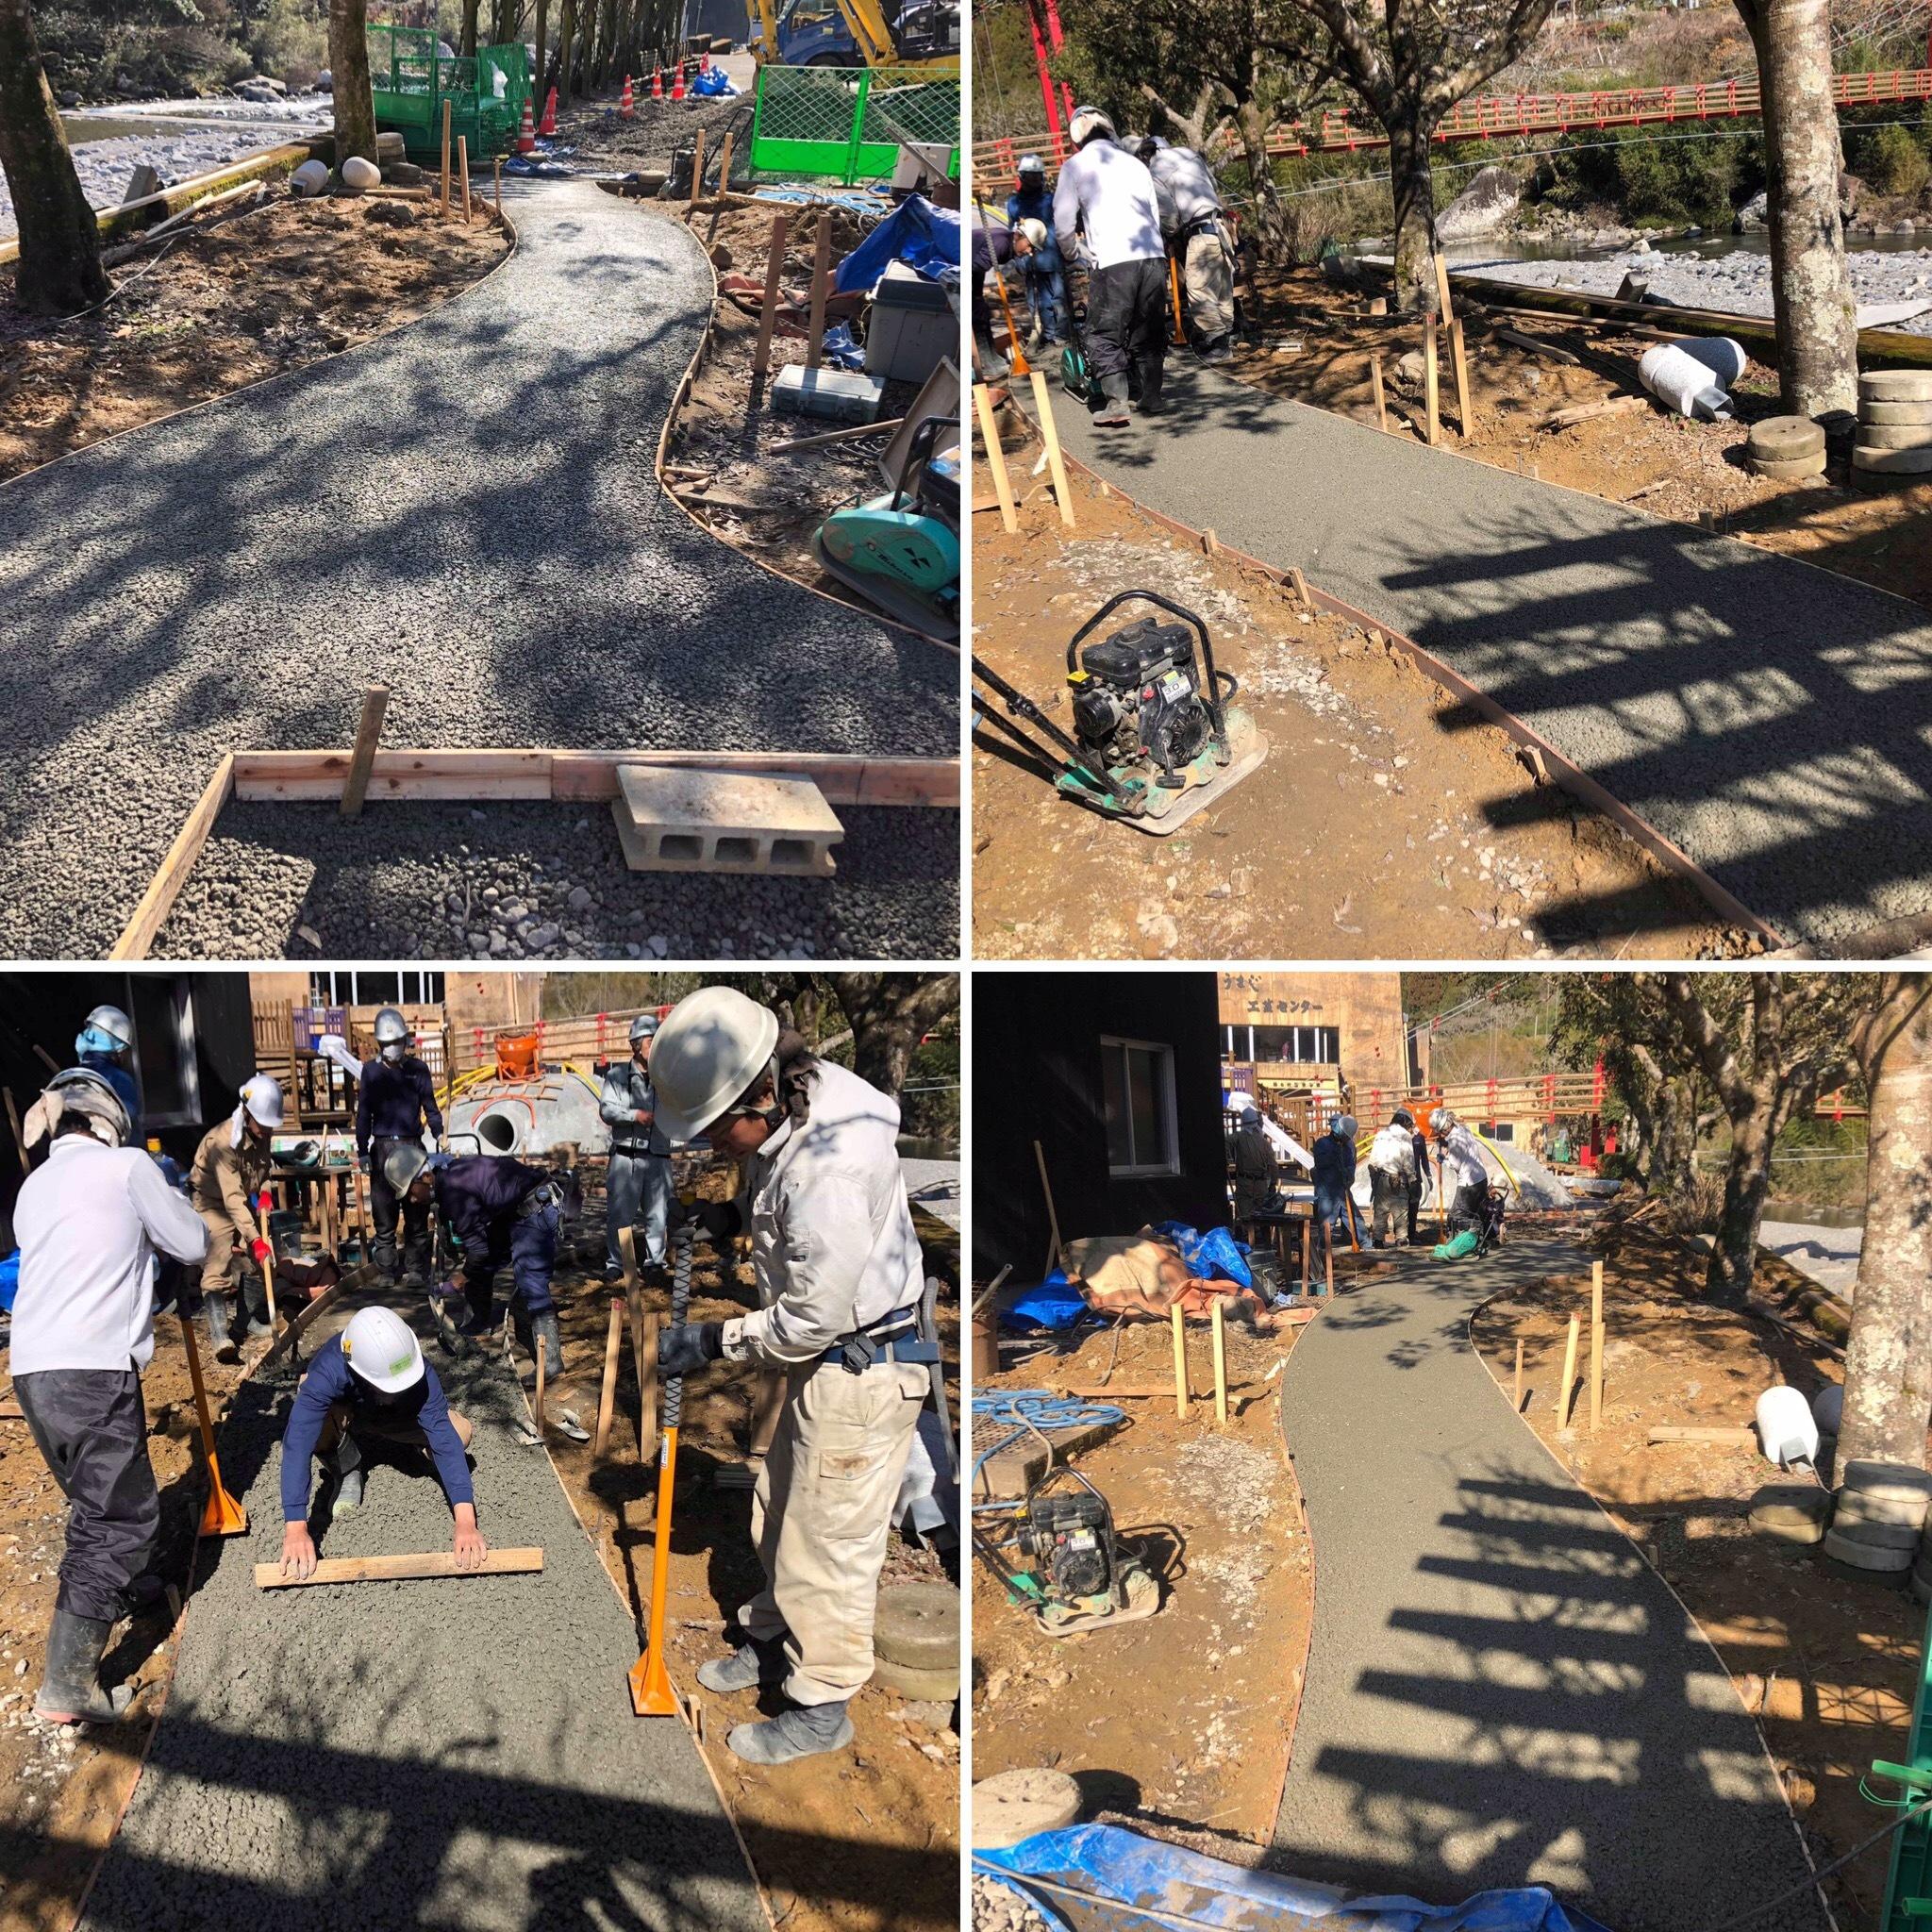 「そんなところでも届く生コンすごい」【馬路温泉】日本中どこにでも届く透水性コンクリート